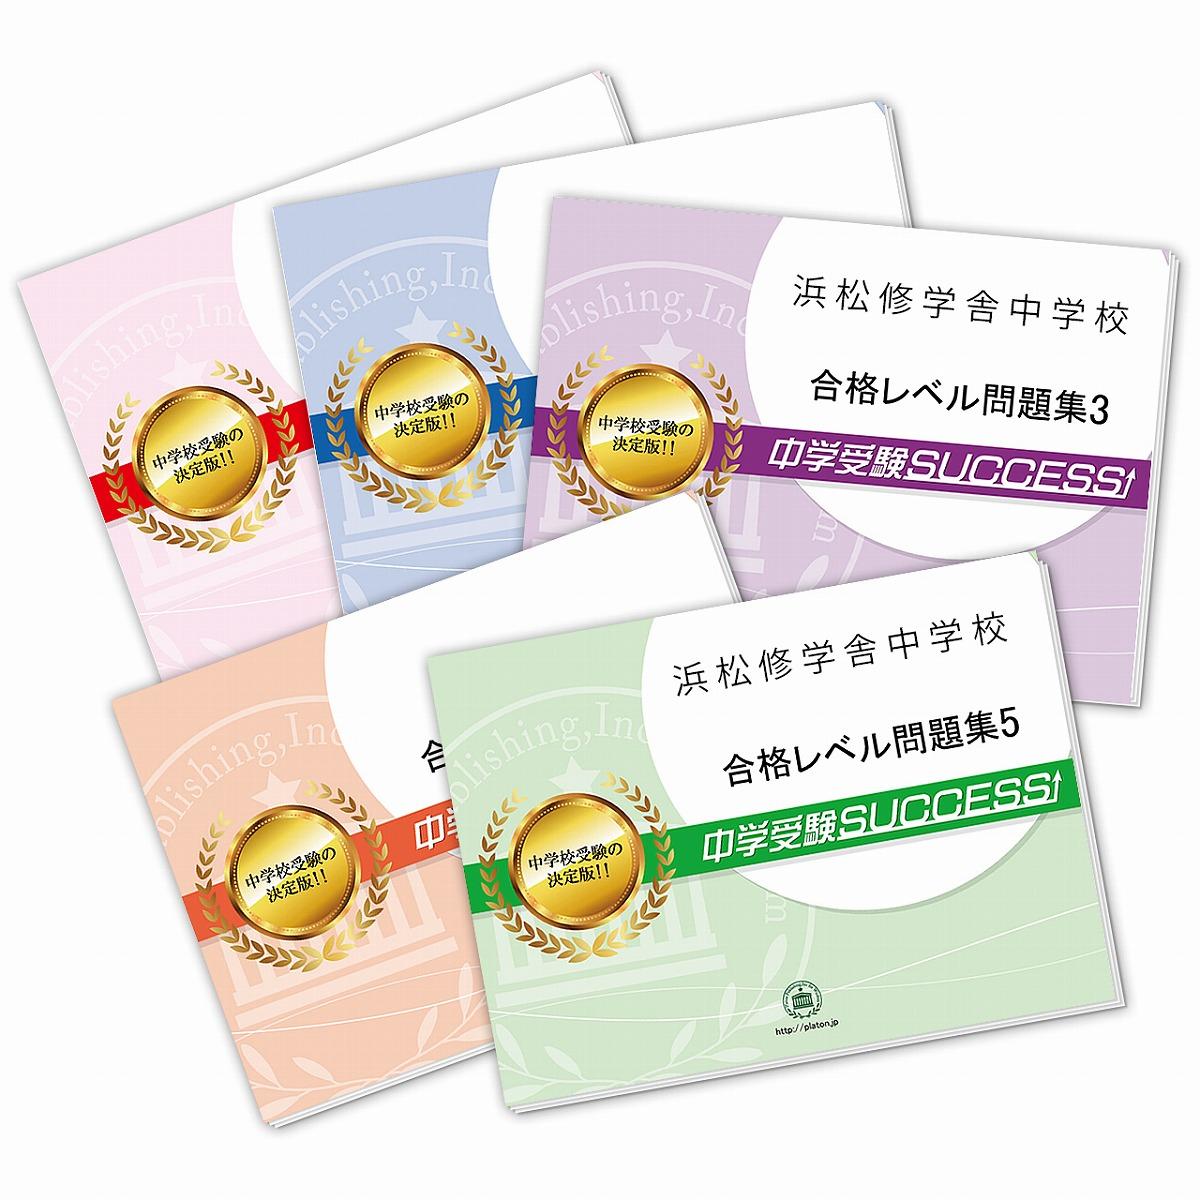 【送料・代引手数料無料】浜松修学舎中学校・直前対策合格セット(5冊)